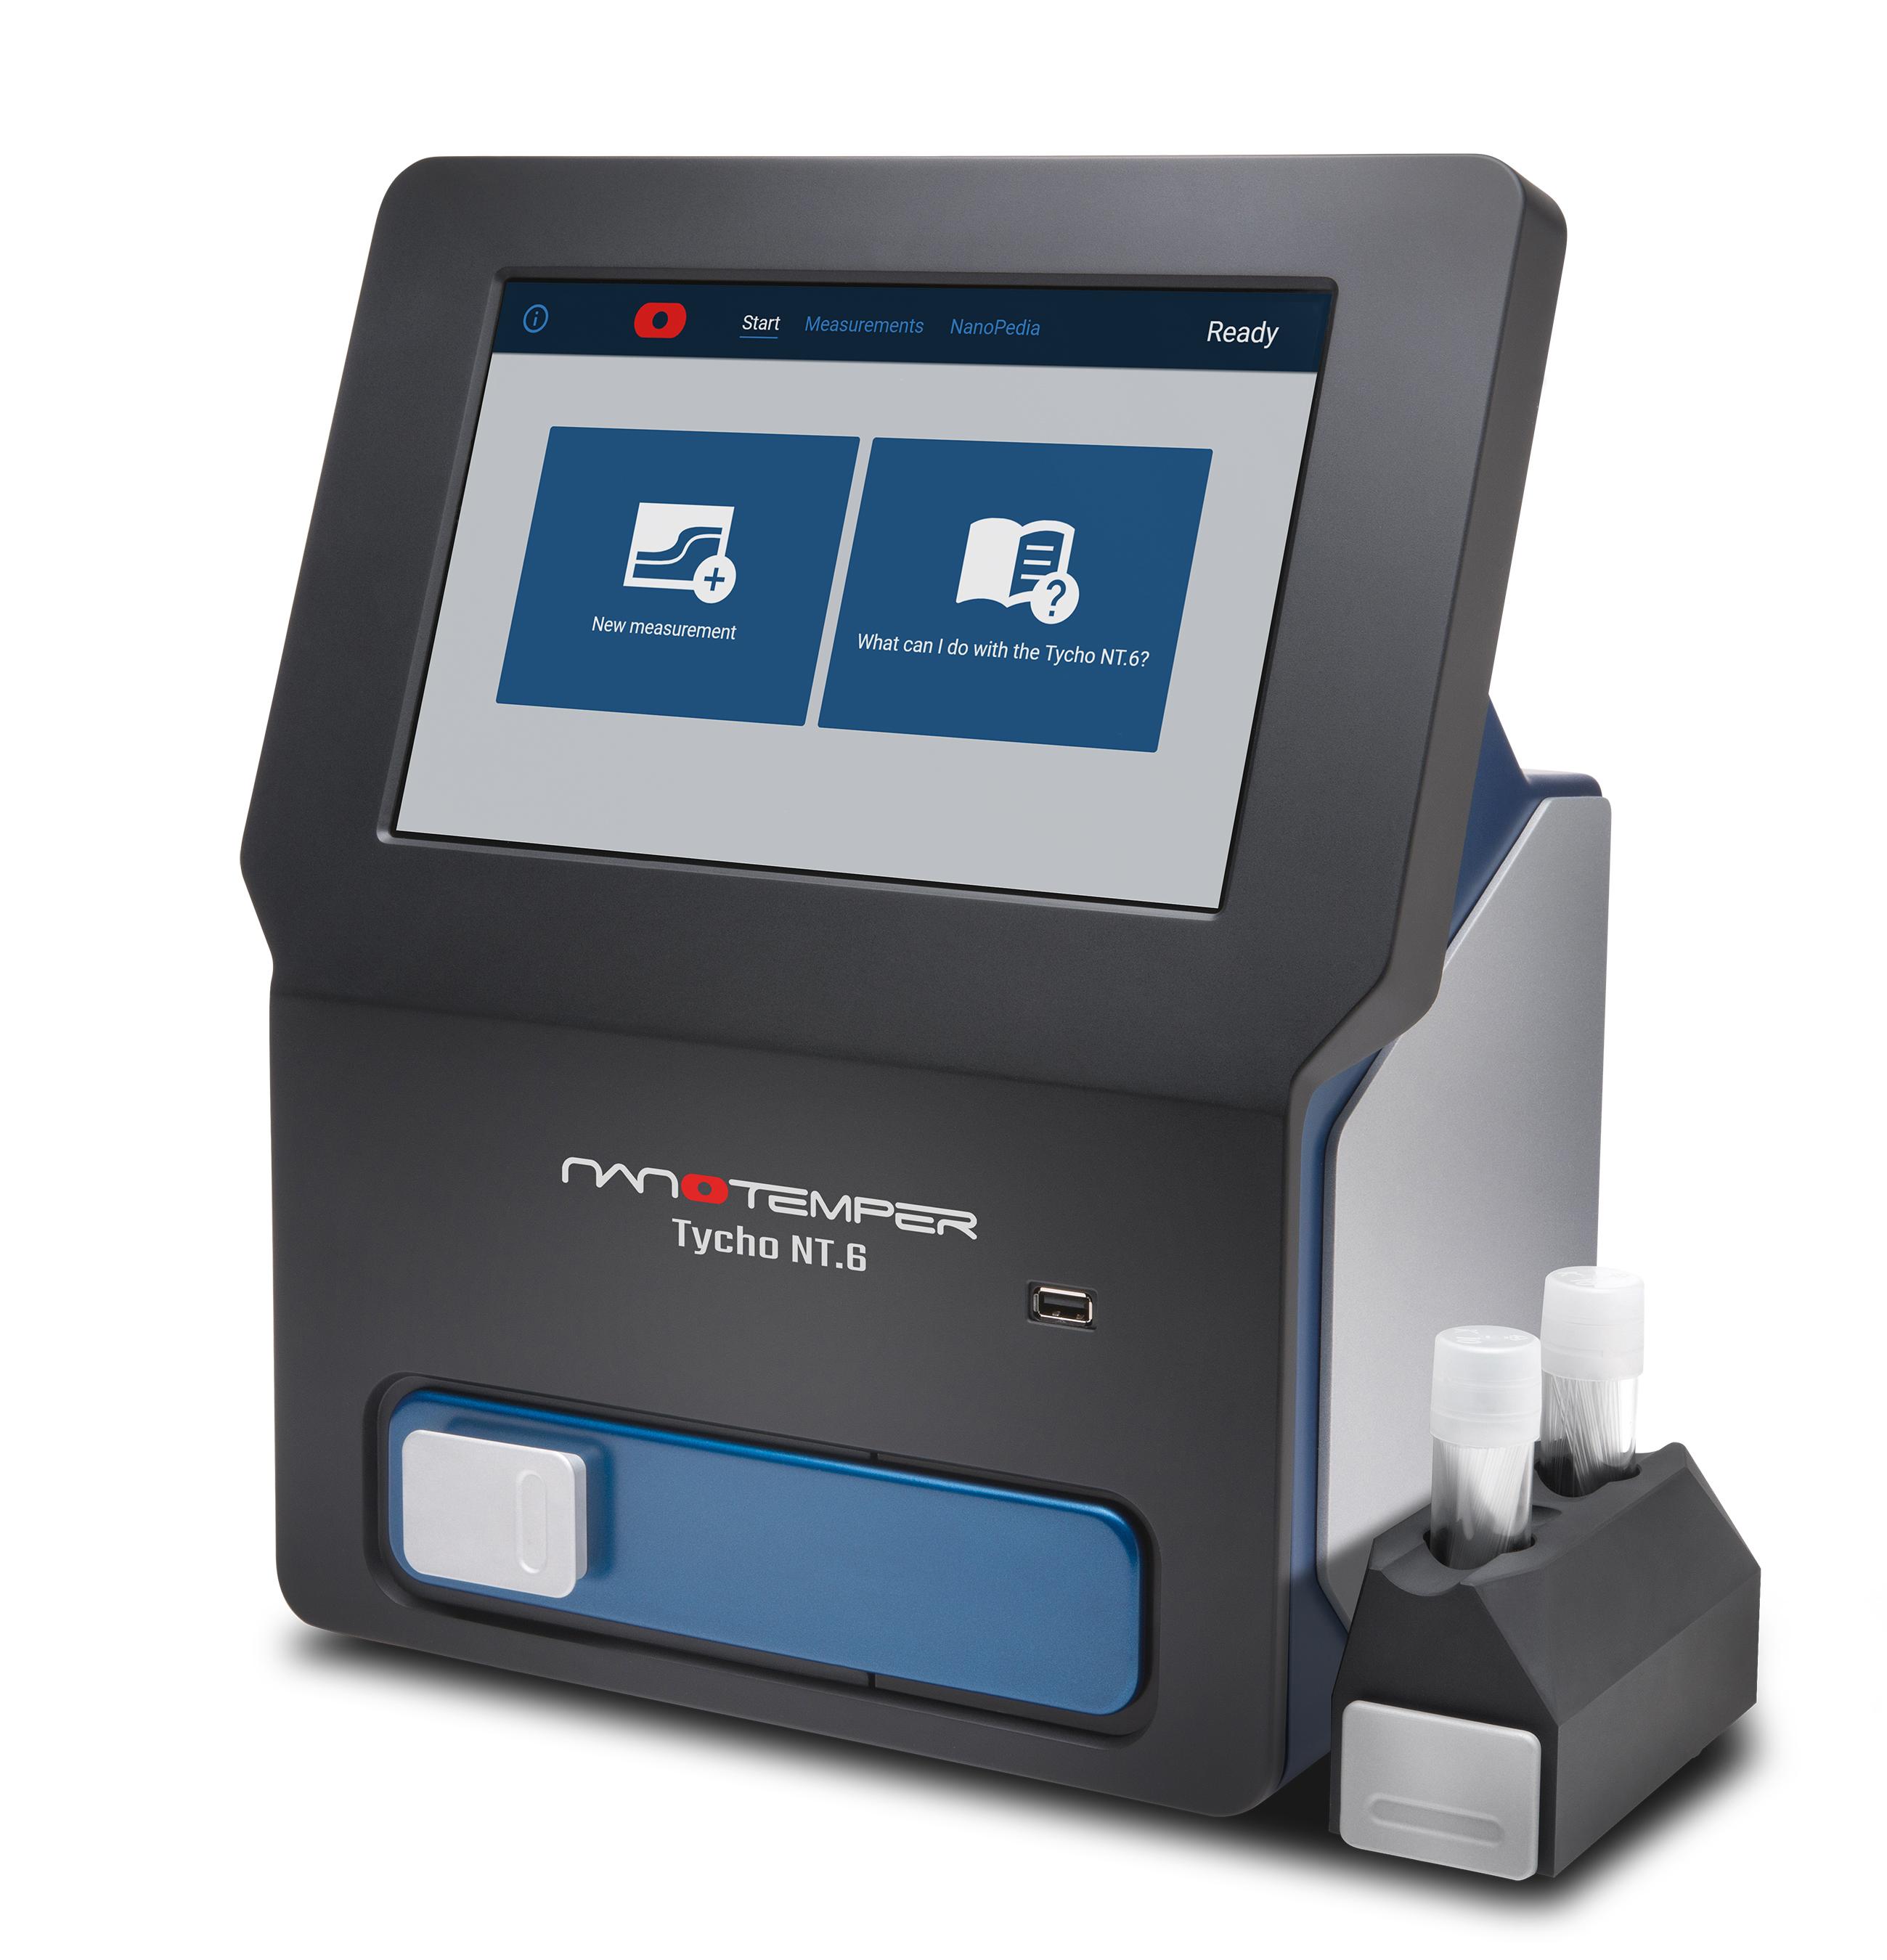 Система экспресс-анализа качества белков Nanotemper Tycho NT.6 купить в Техноинфо